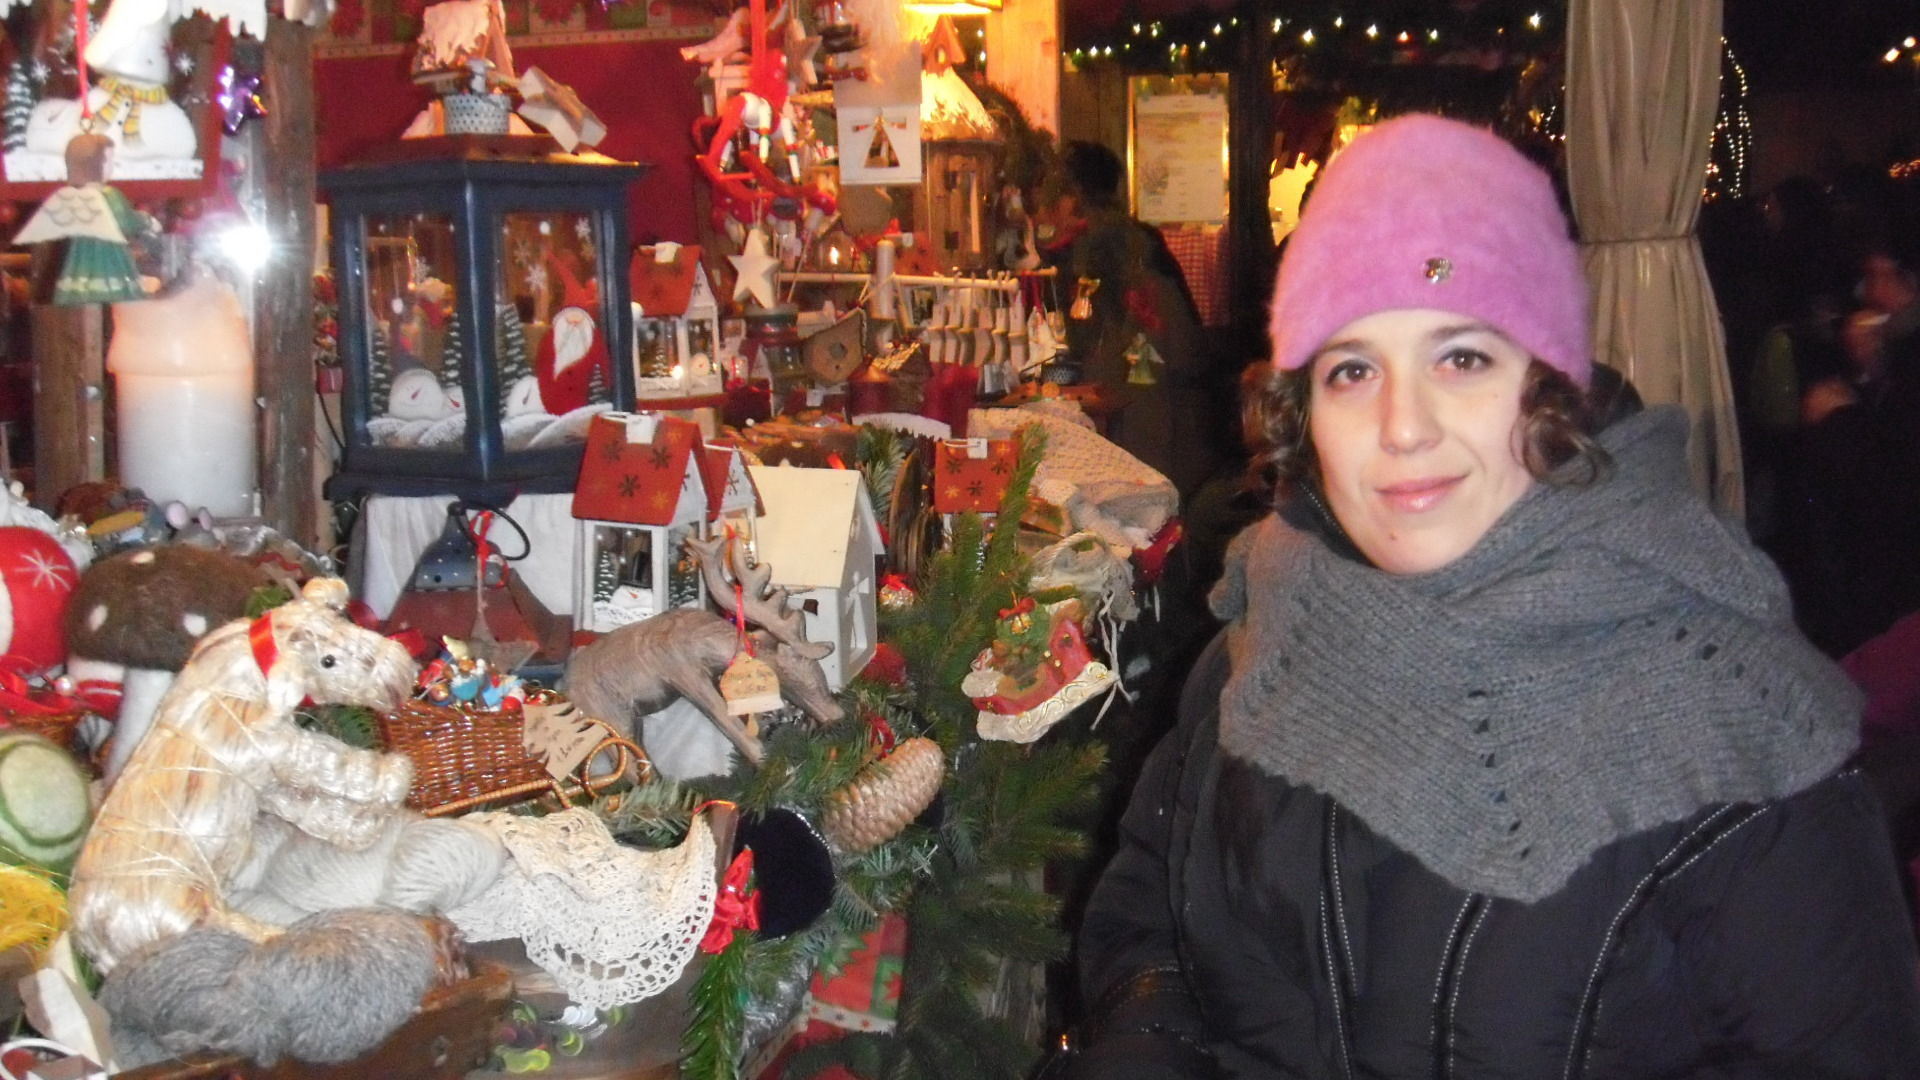 mercatino dellartigianato piazza municipio bolzano weather - photo#24